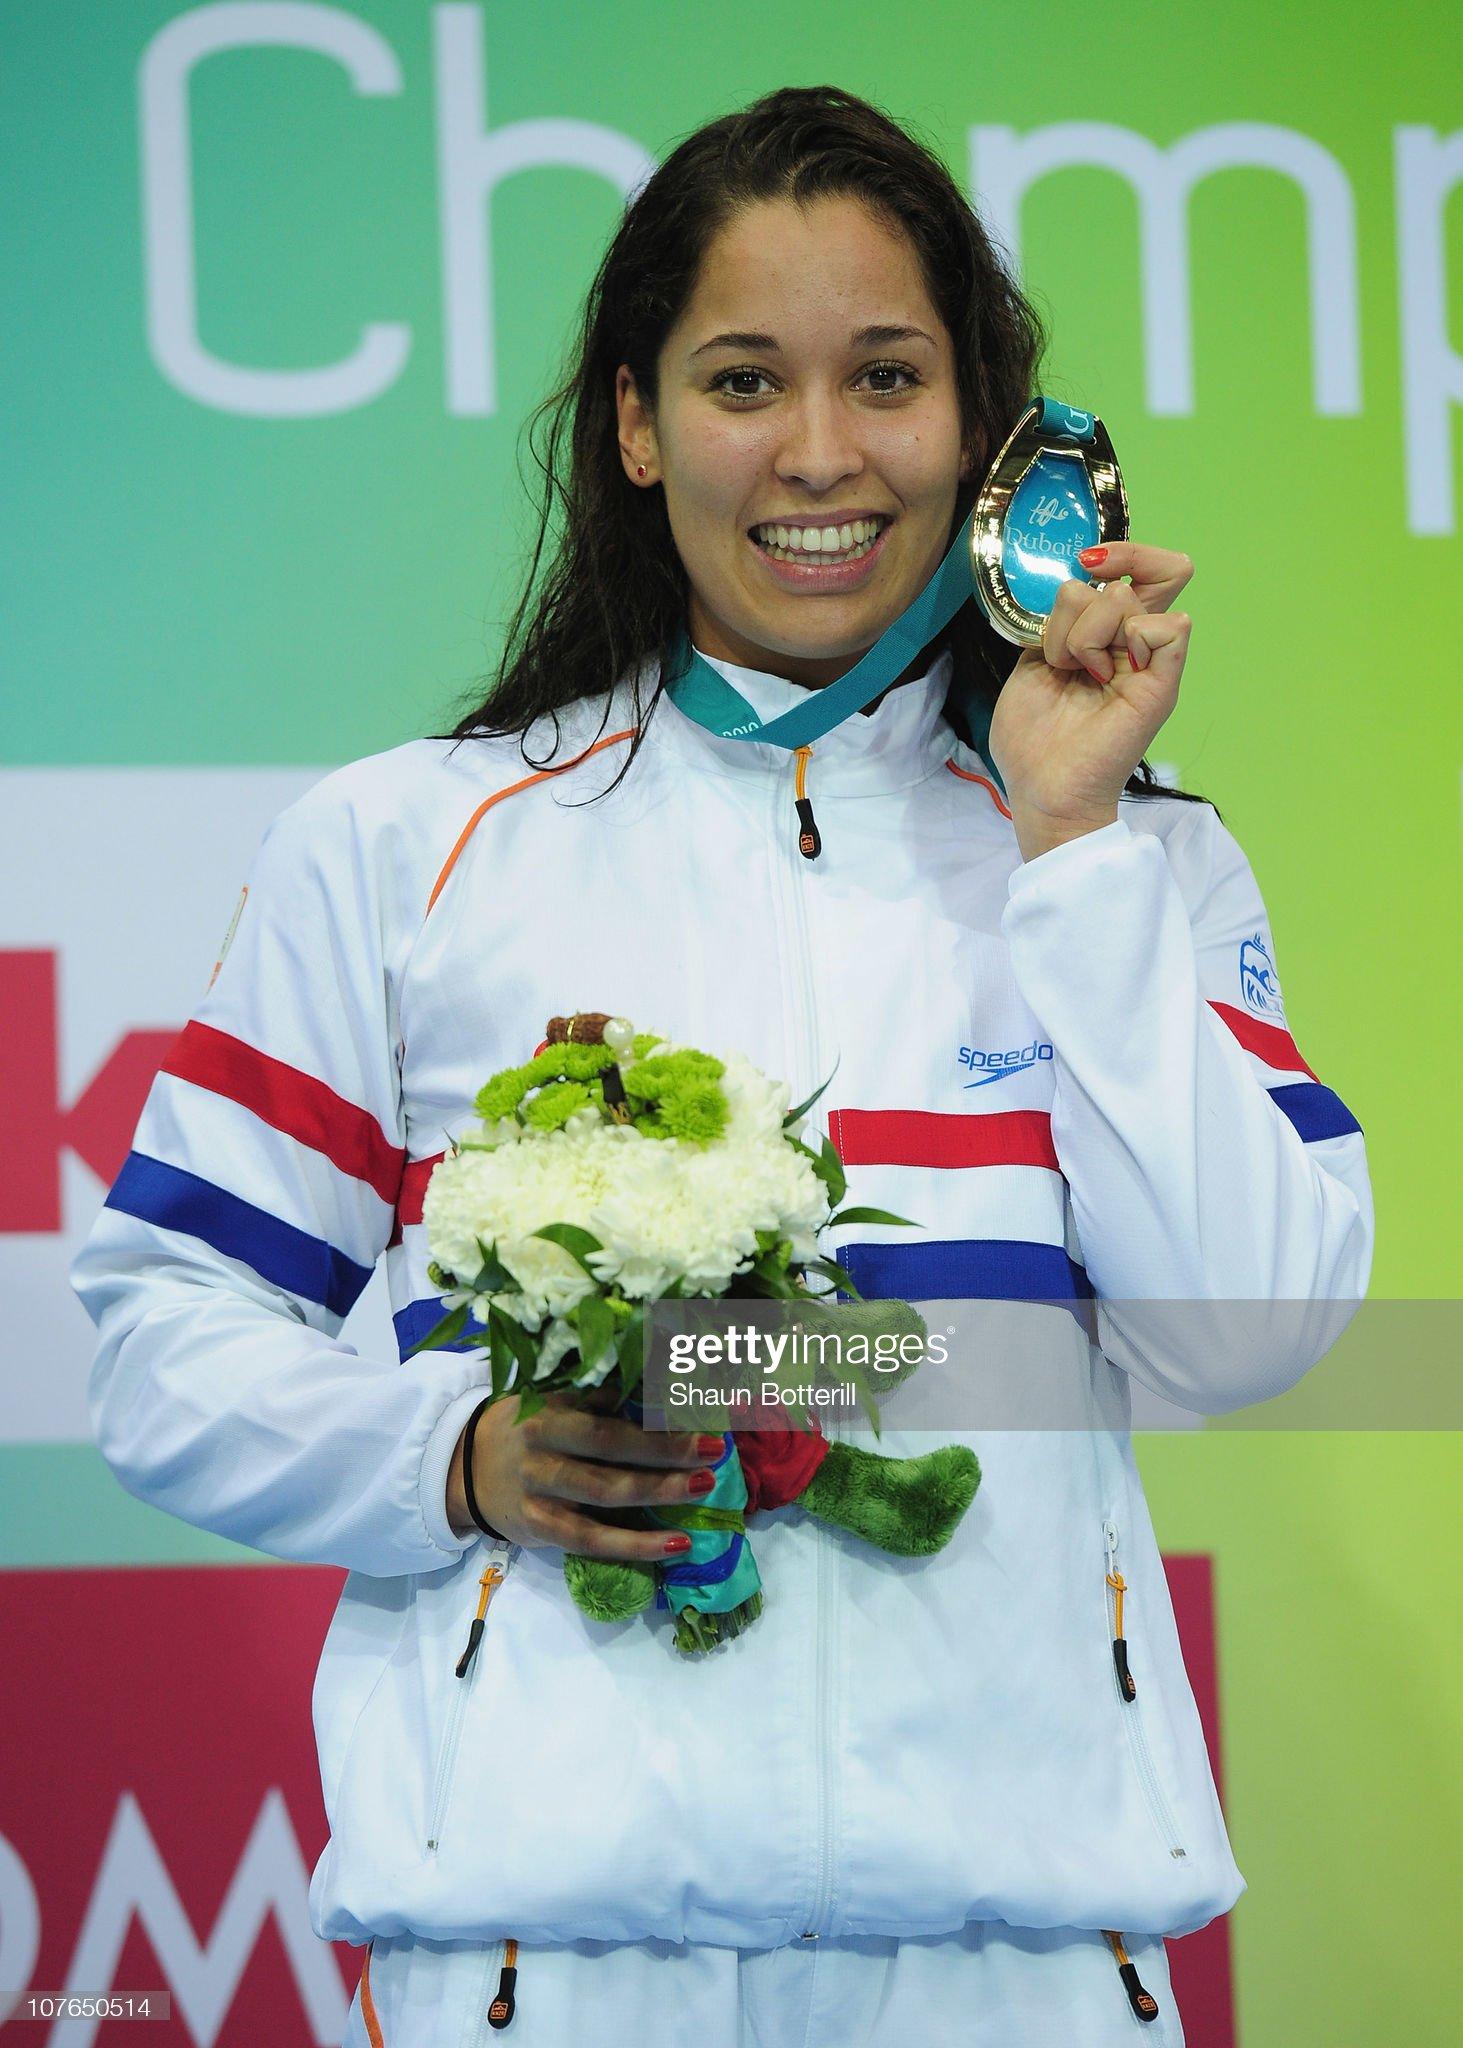 DEBATE sobre belleza, guapura y hermosura (fotos de chicas latinas, mestizas, y de todo) - VOL II - Página 4 Ranomi-kromowidjojo-of-netherlands-wins-the-gold-medal-in-the-final-picture-id107650514?s=2048x2048